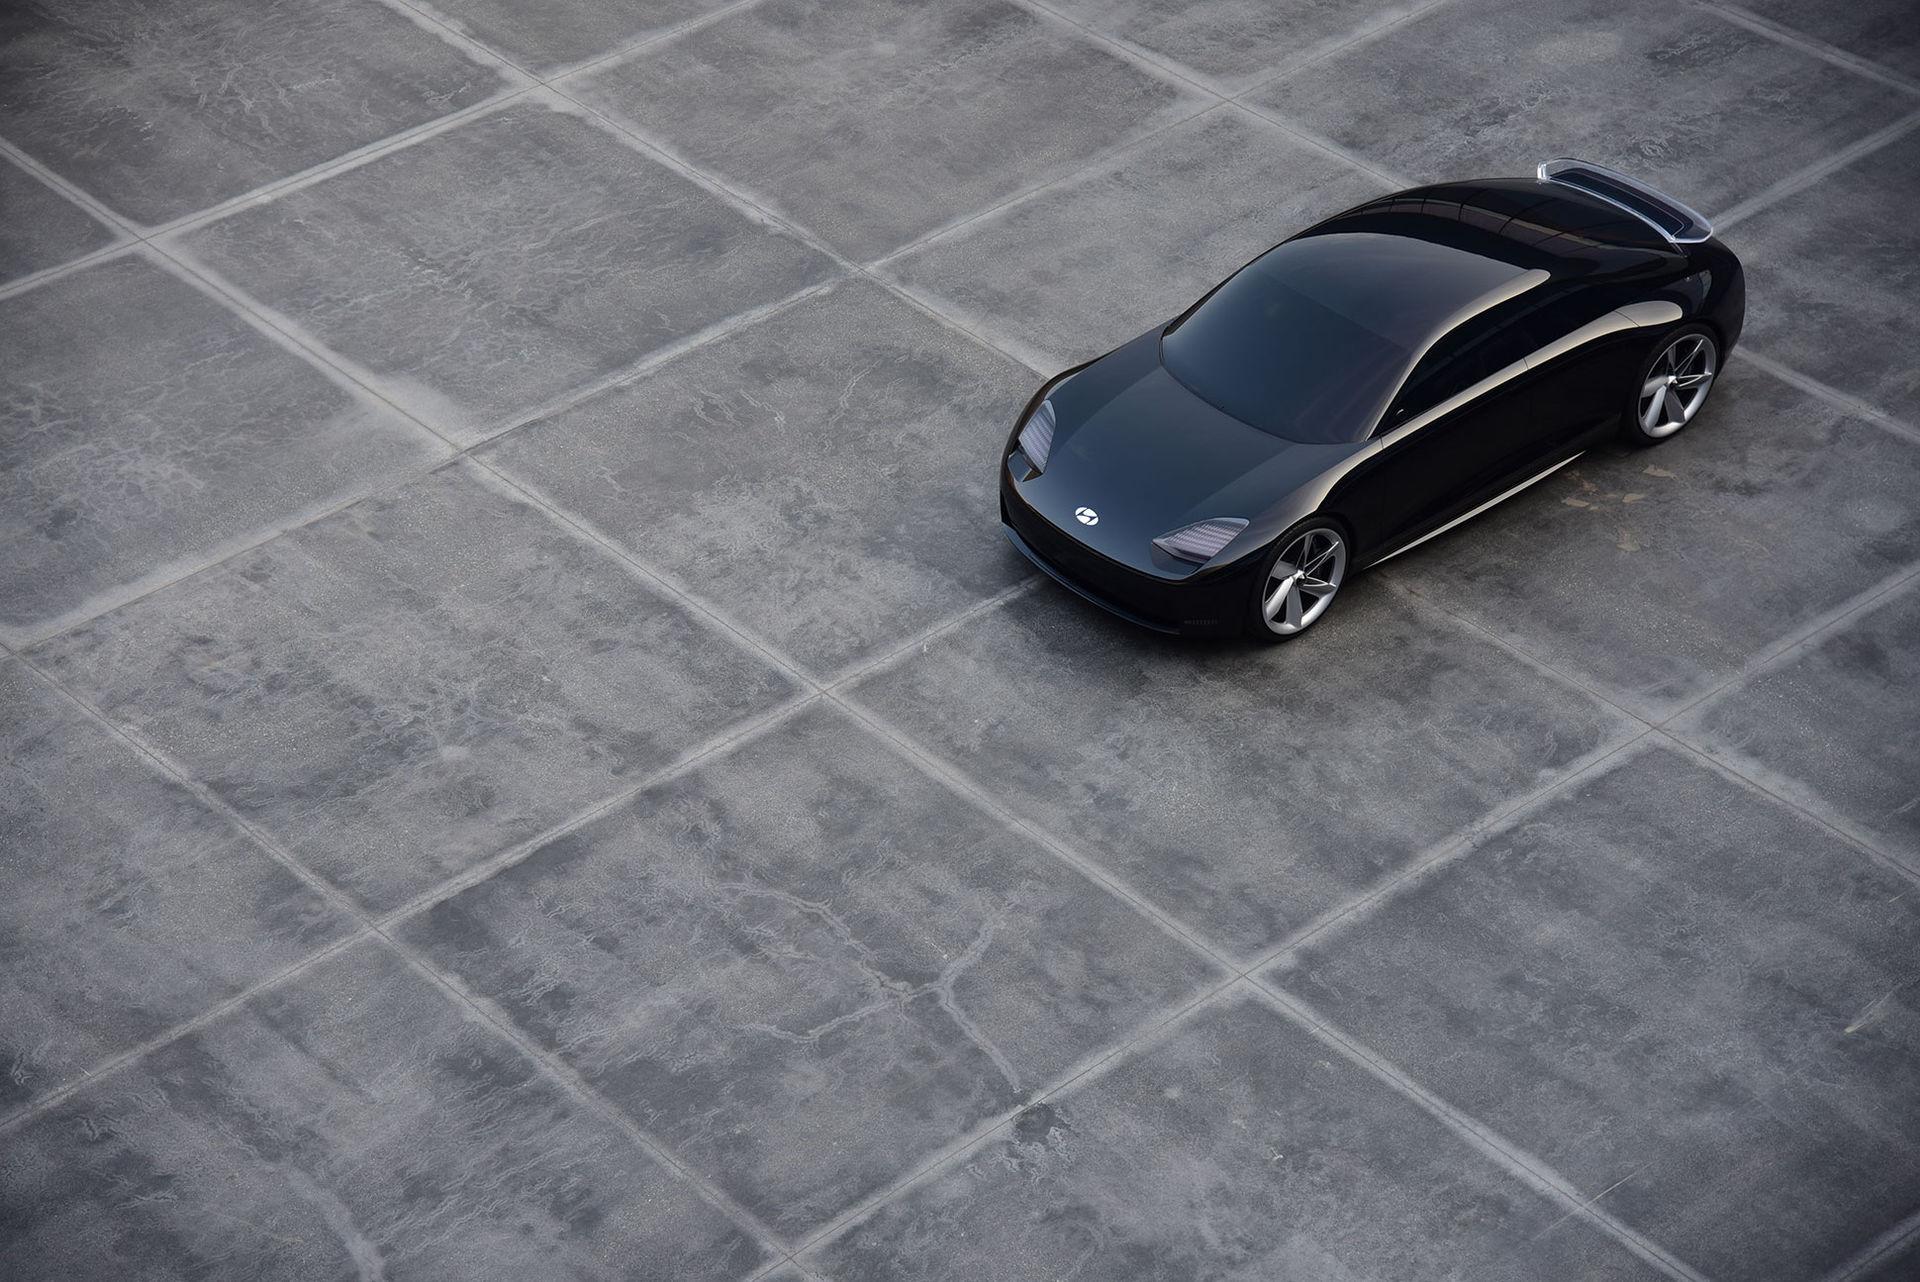 Det här är Hyundais nya konceptbil Prophecy